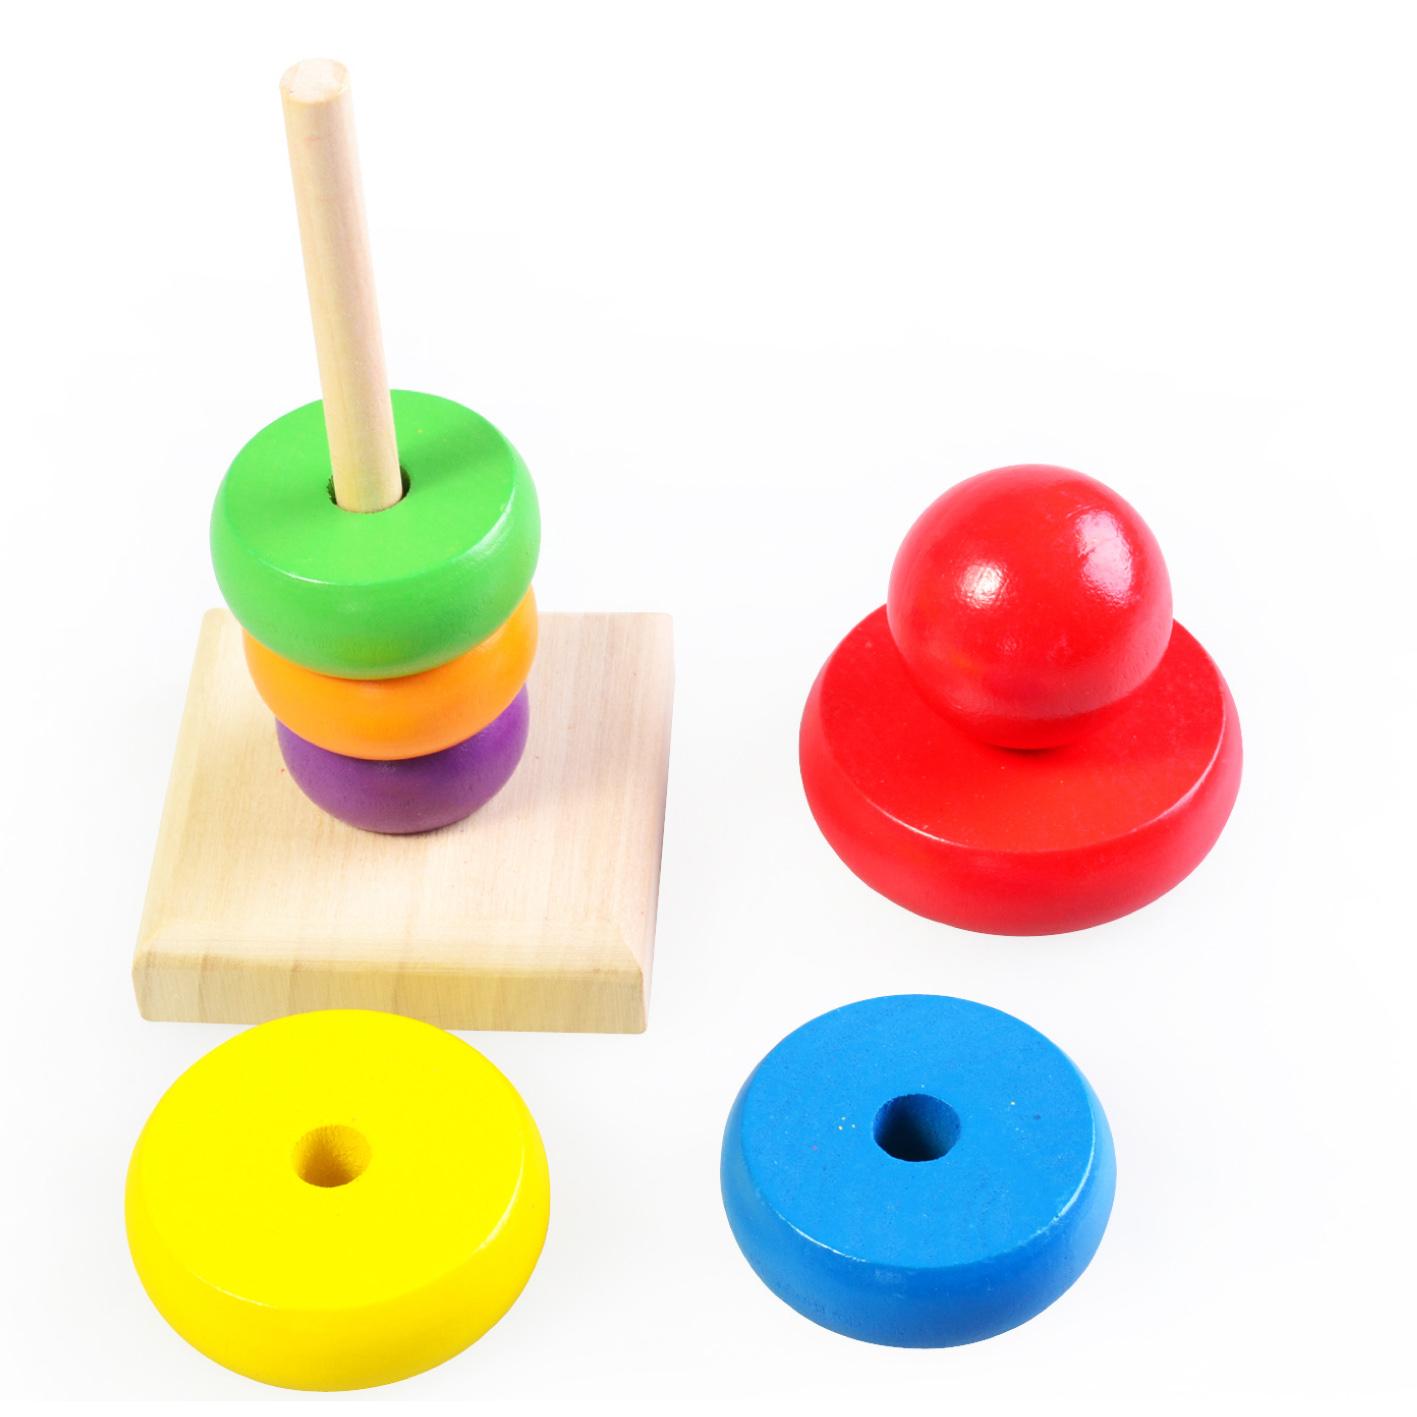 木制彩虹塔叠叠圈乐早教益智认知宝宝婴幼儿童玩具套塔积木配对